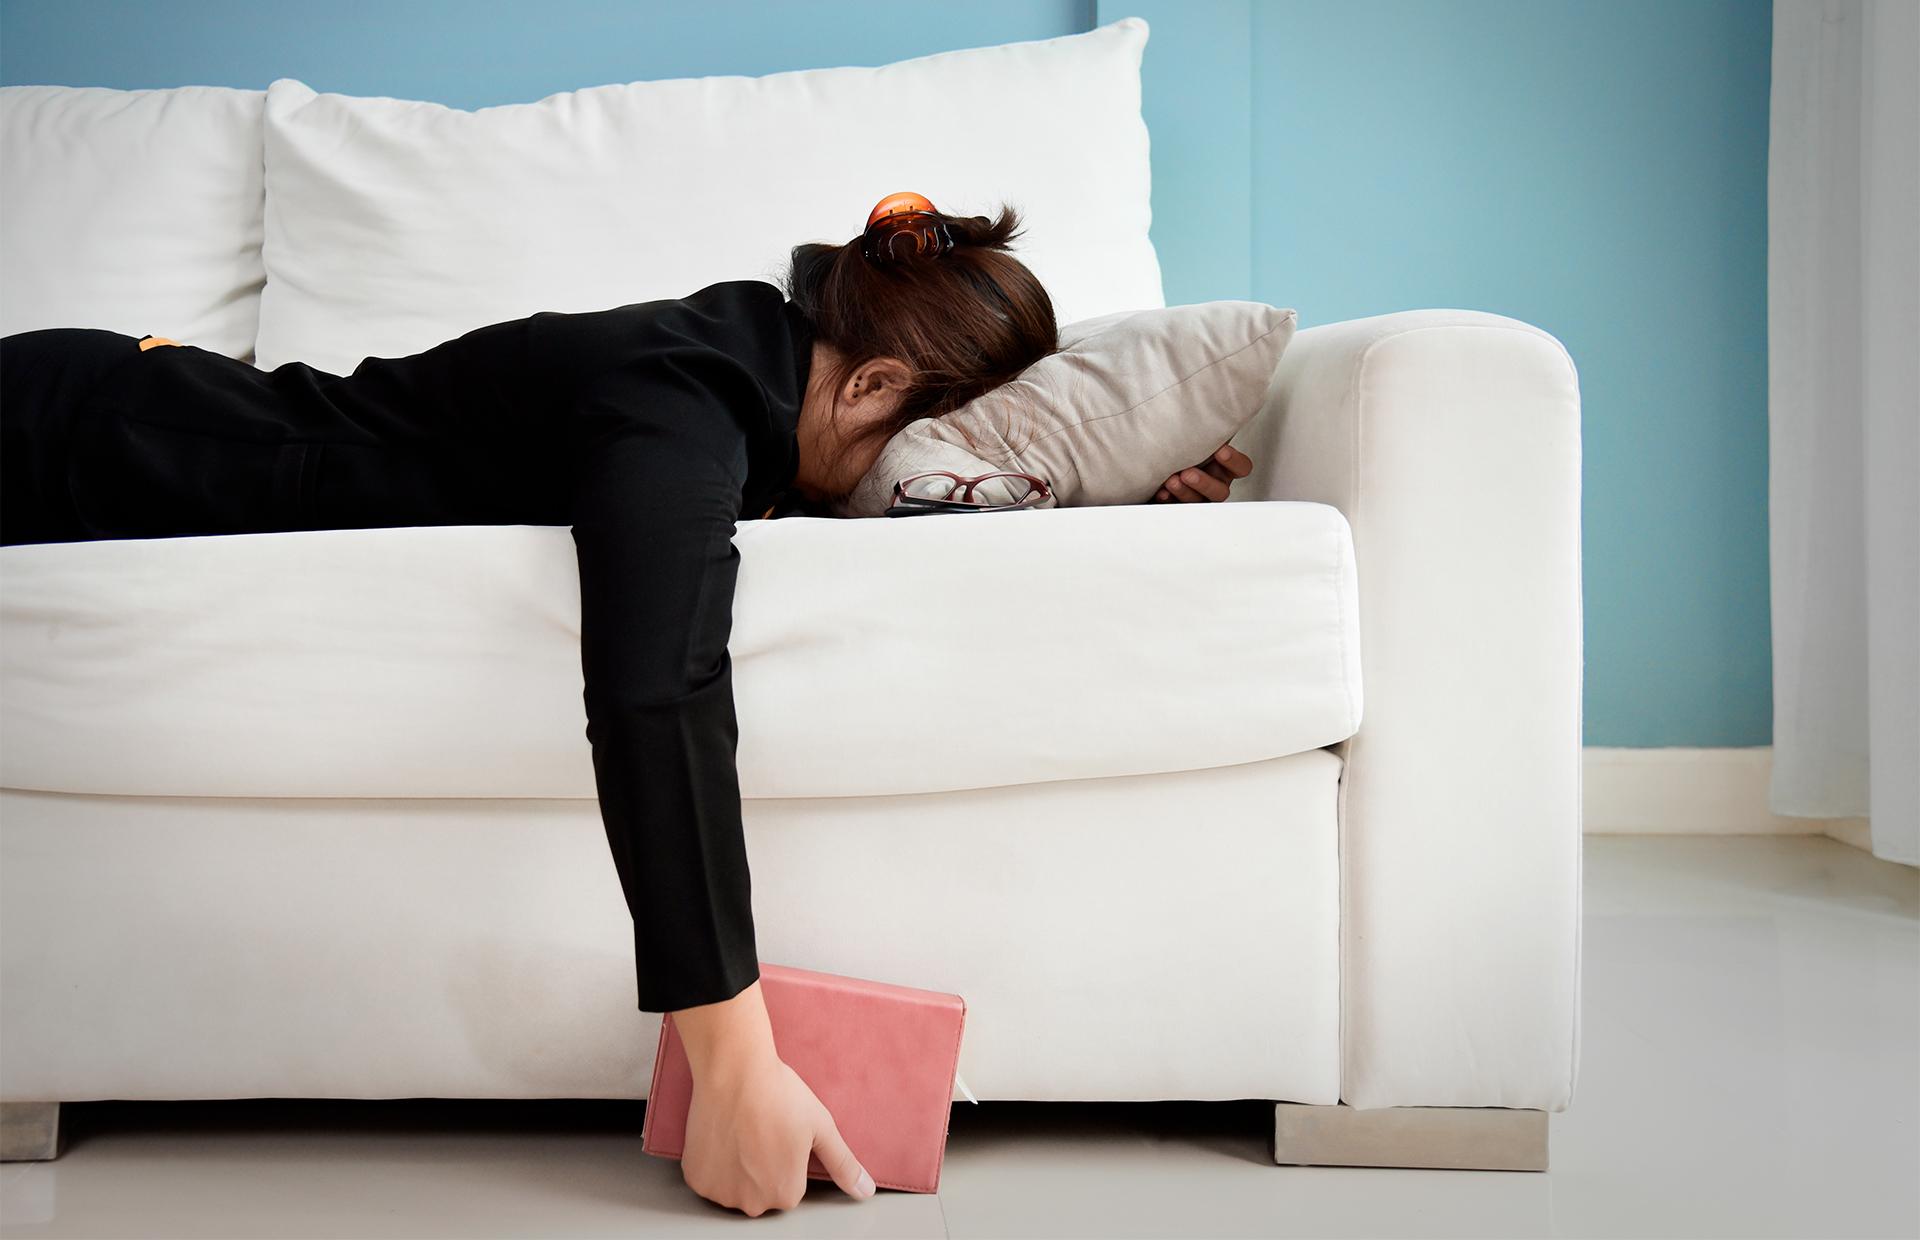 Картинки об усталости в жизни